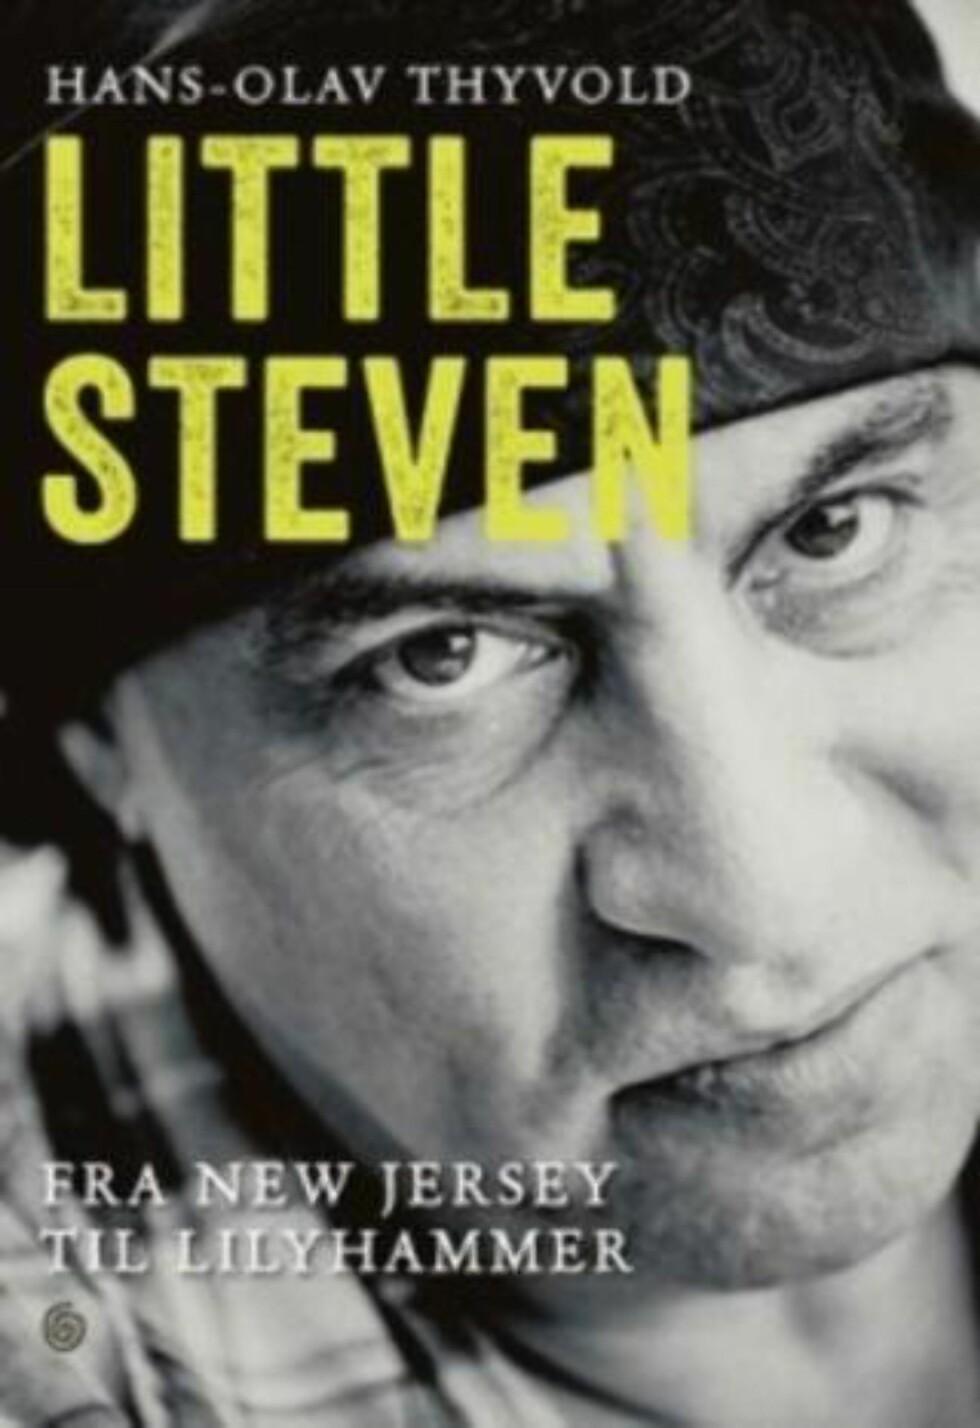 PORTRETTBOK: I tillegg til mange andre kilder, består boka av intervjuer Thyvold har gjort med Little Steven fra 1984 fram til i dag.